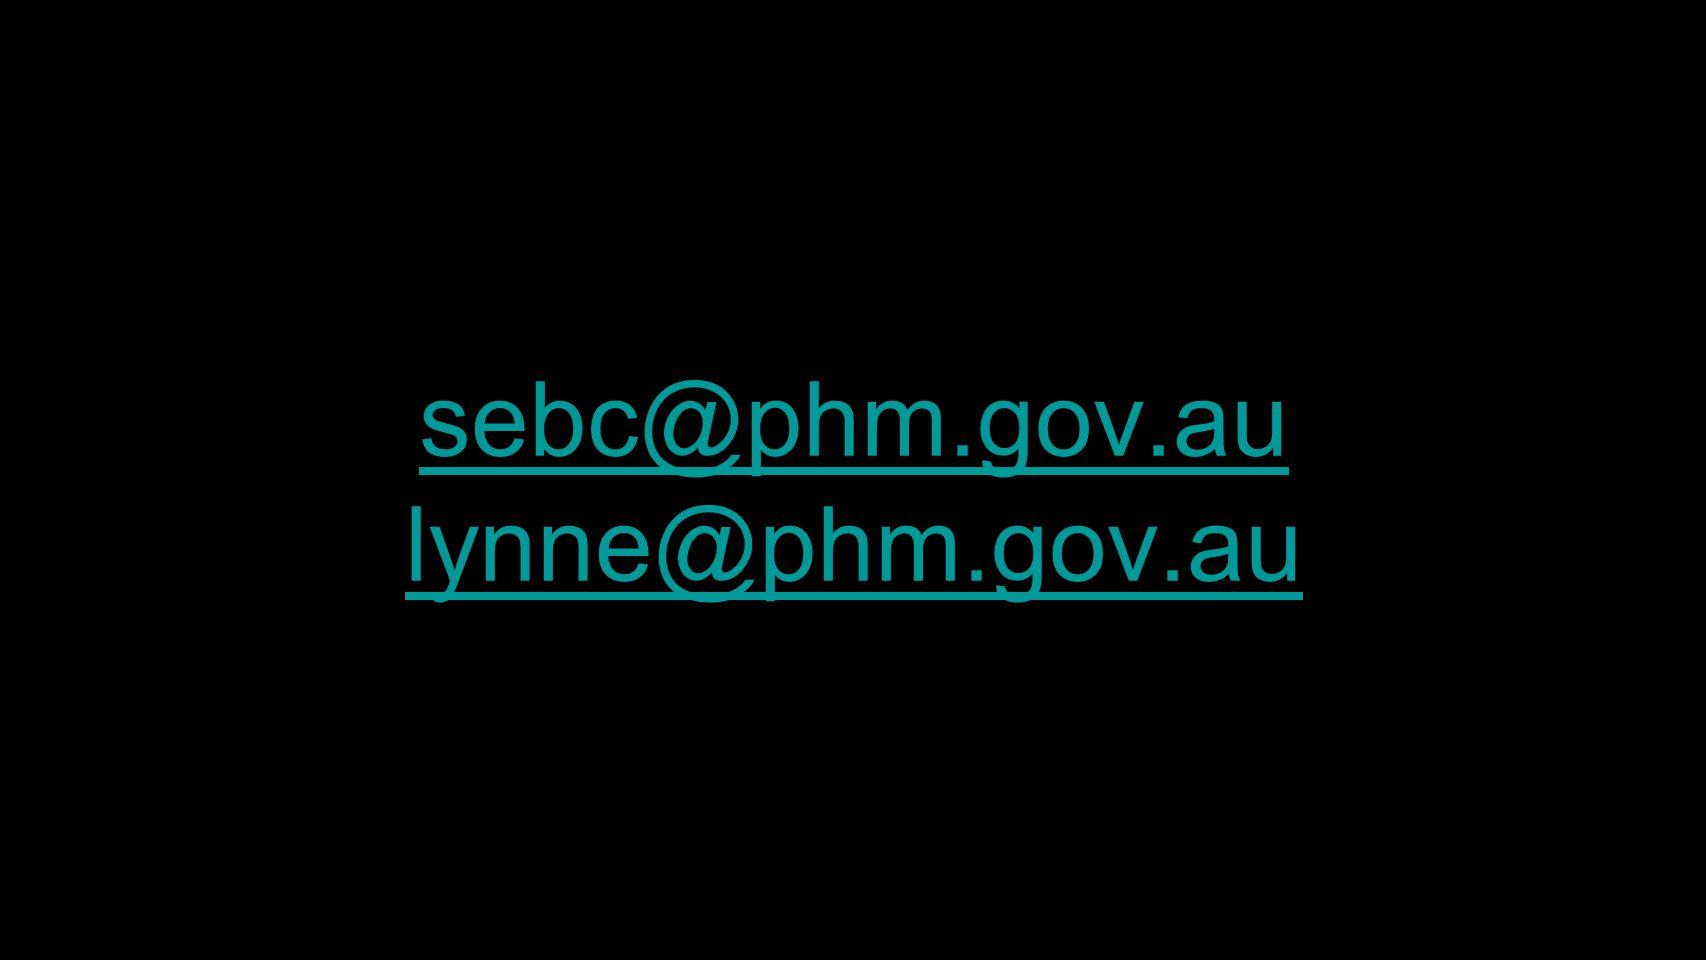 sebc@phm.gov.au lynne@phm.gov.au